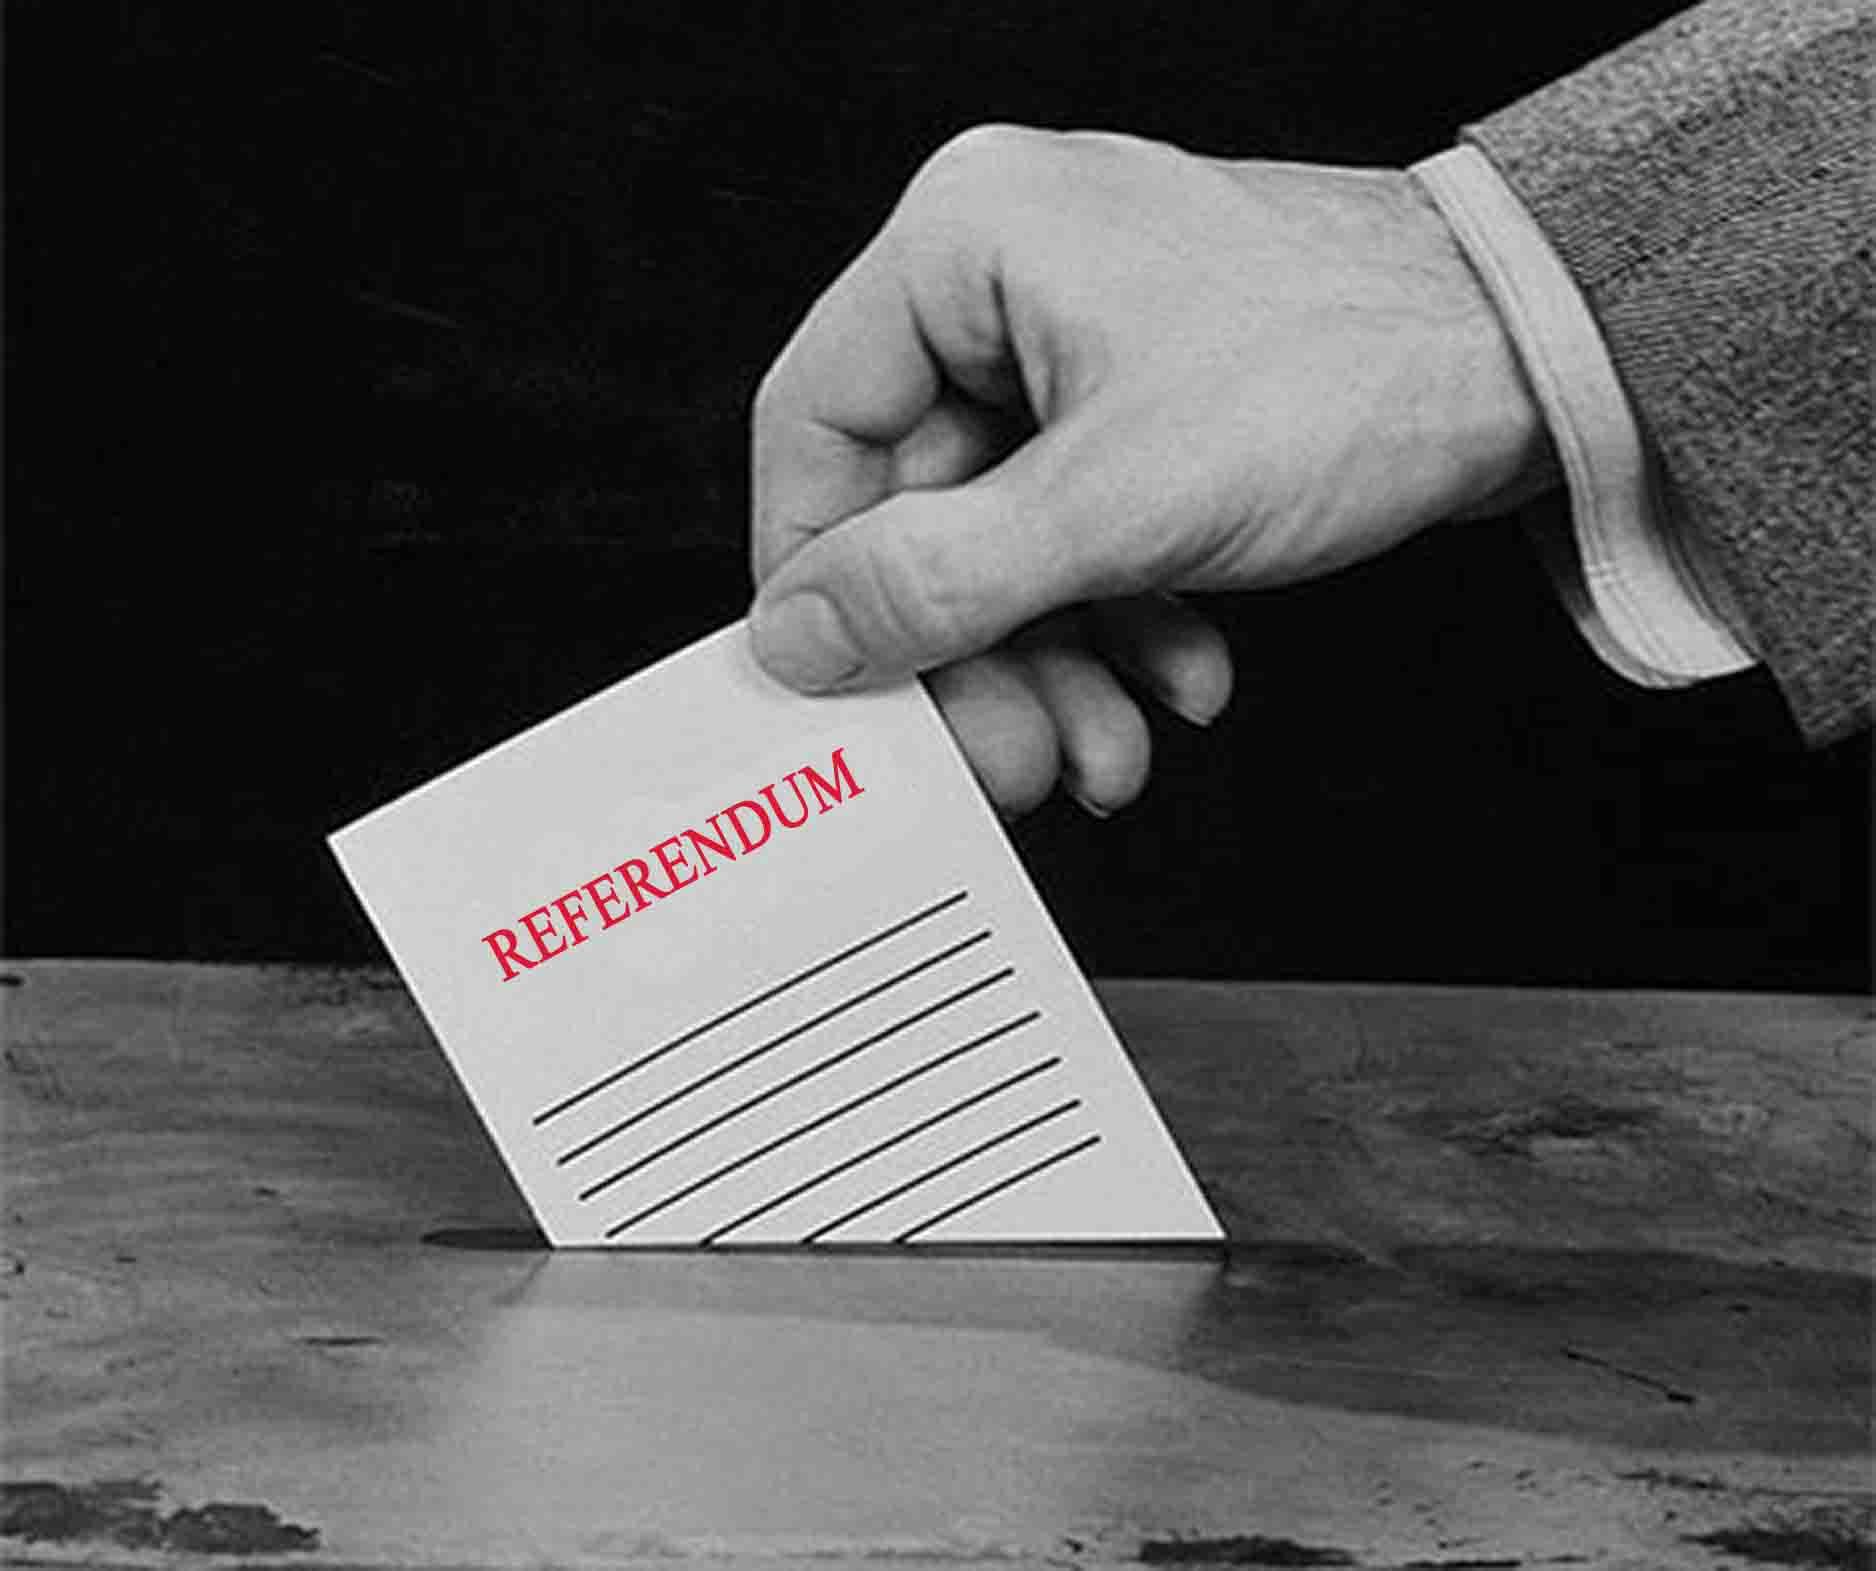 Compte-rendu | Referendum : un bon outil démocratique